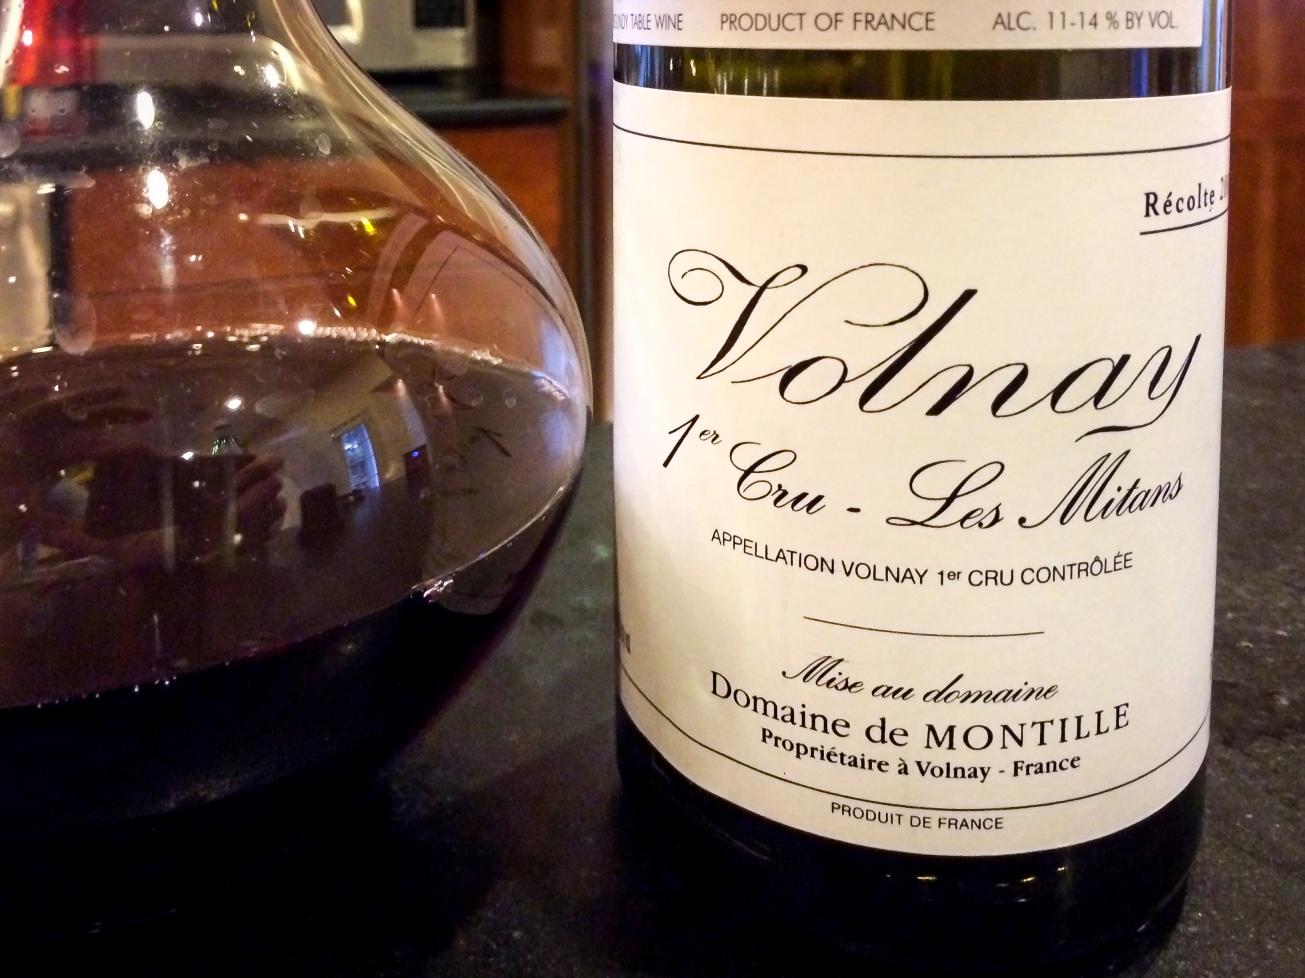 2003 Domaine de Montille Volnay 1er Cru Les Mitans